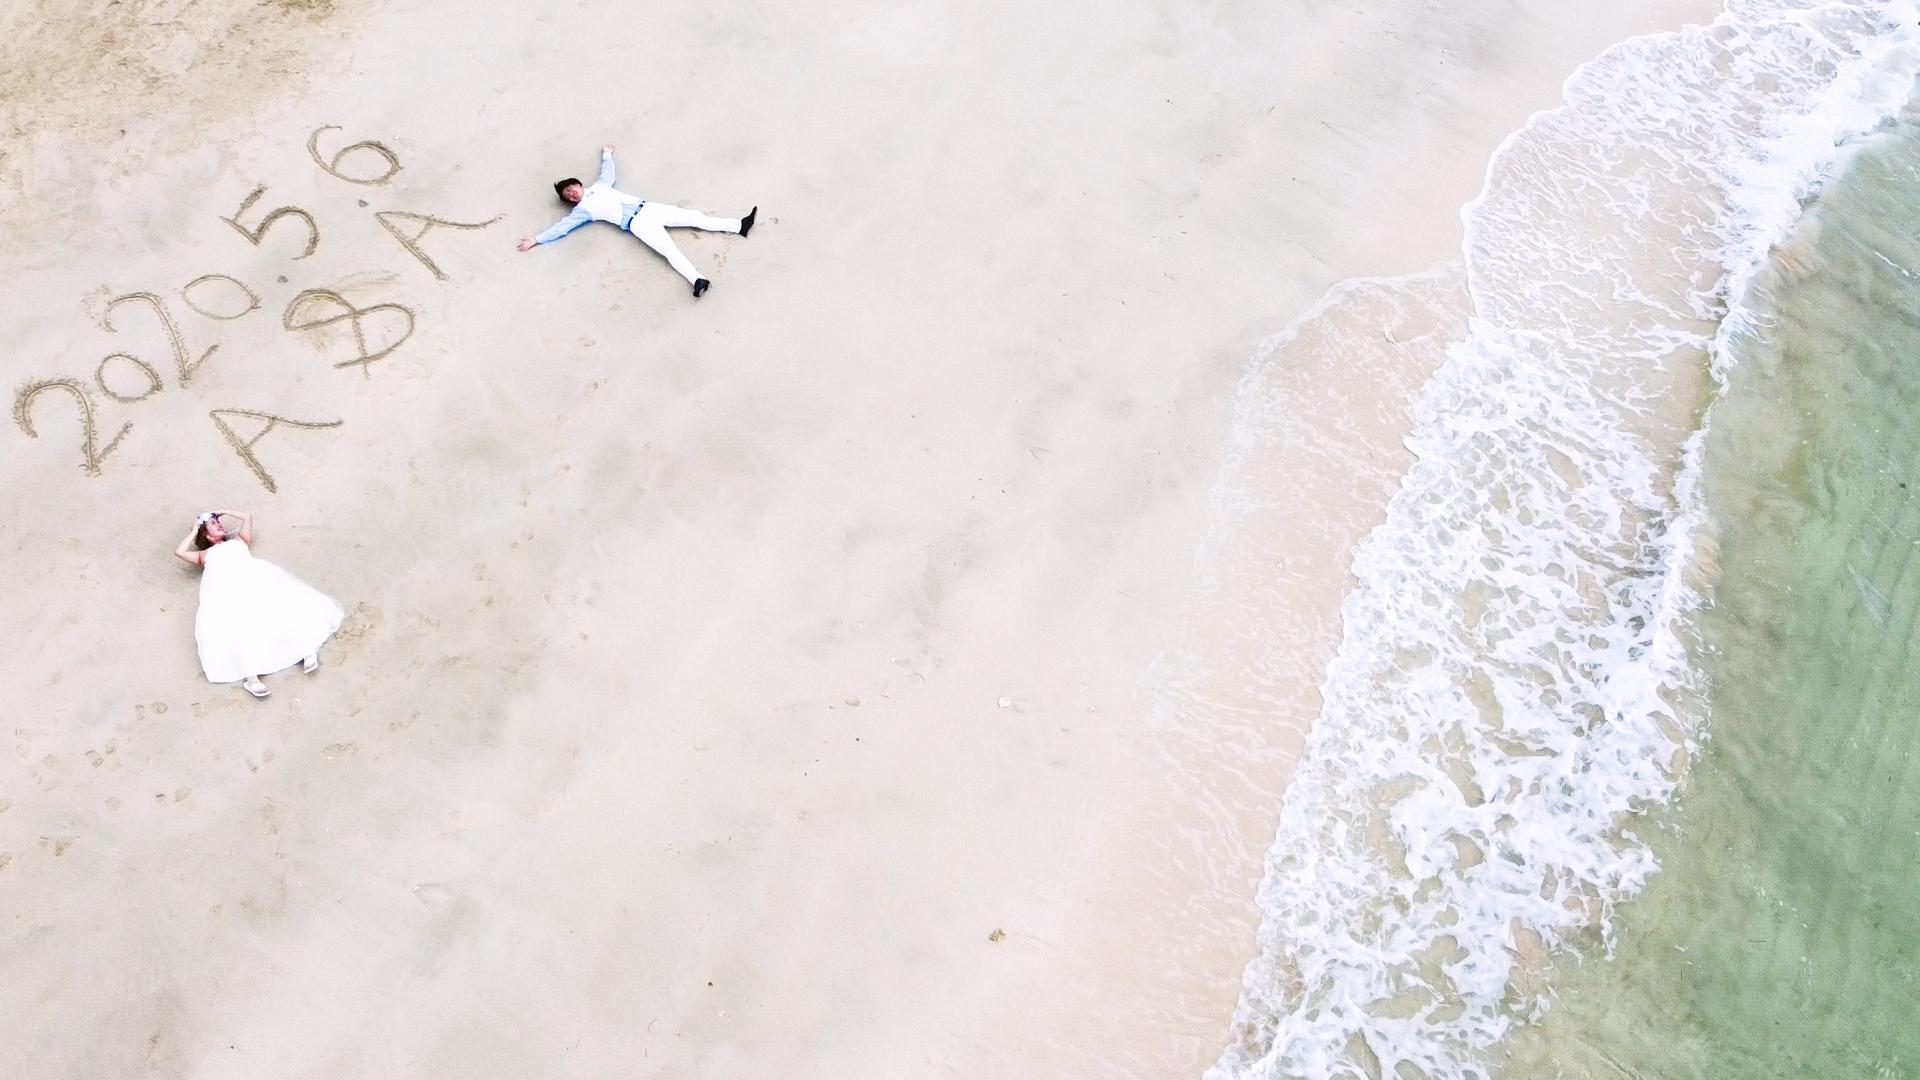 ドローン空撮で砂に文字を書いても楽しい!のフォトギャラリー